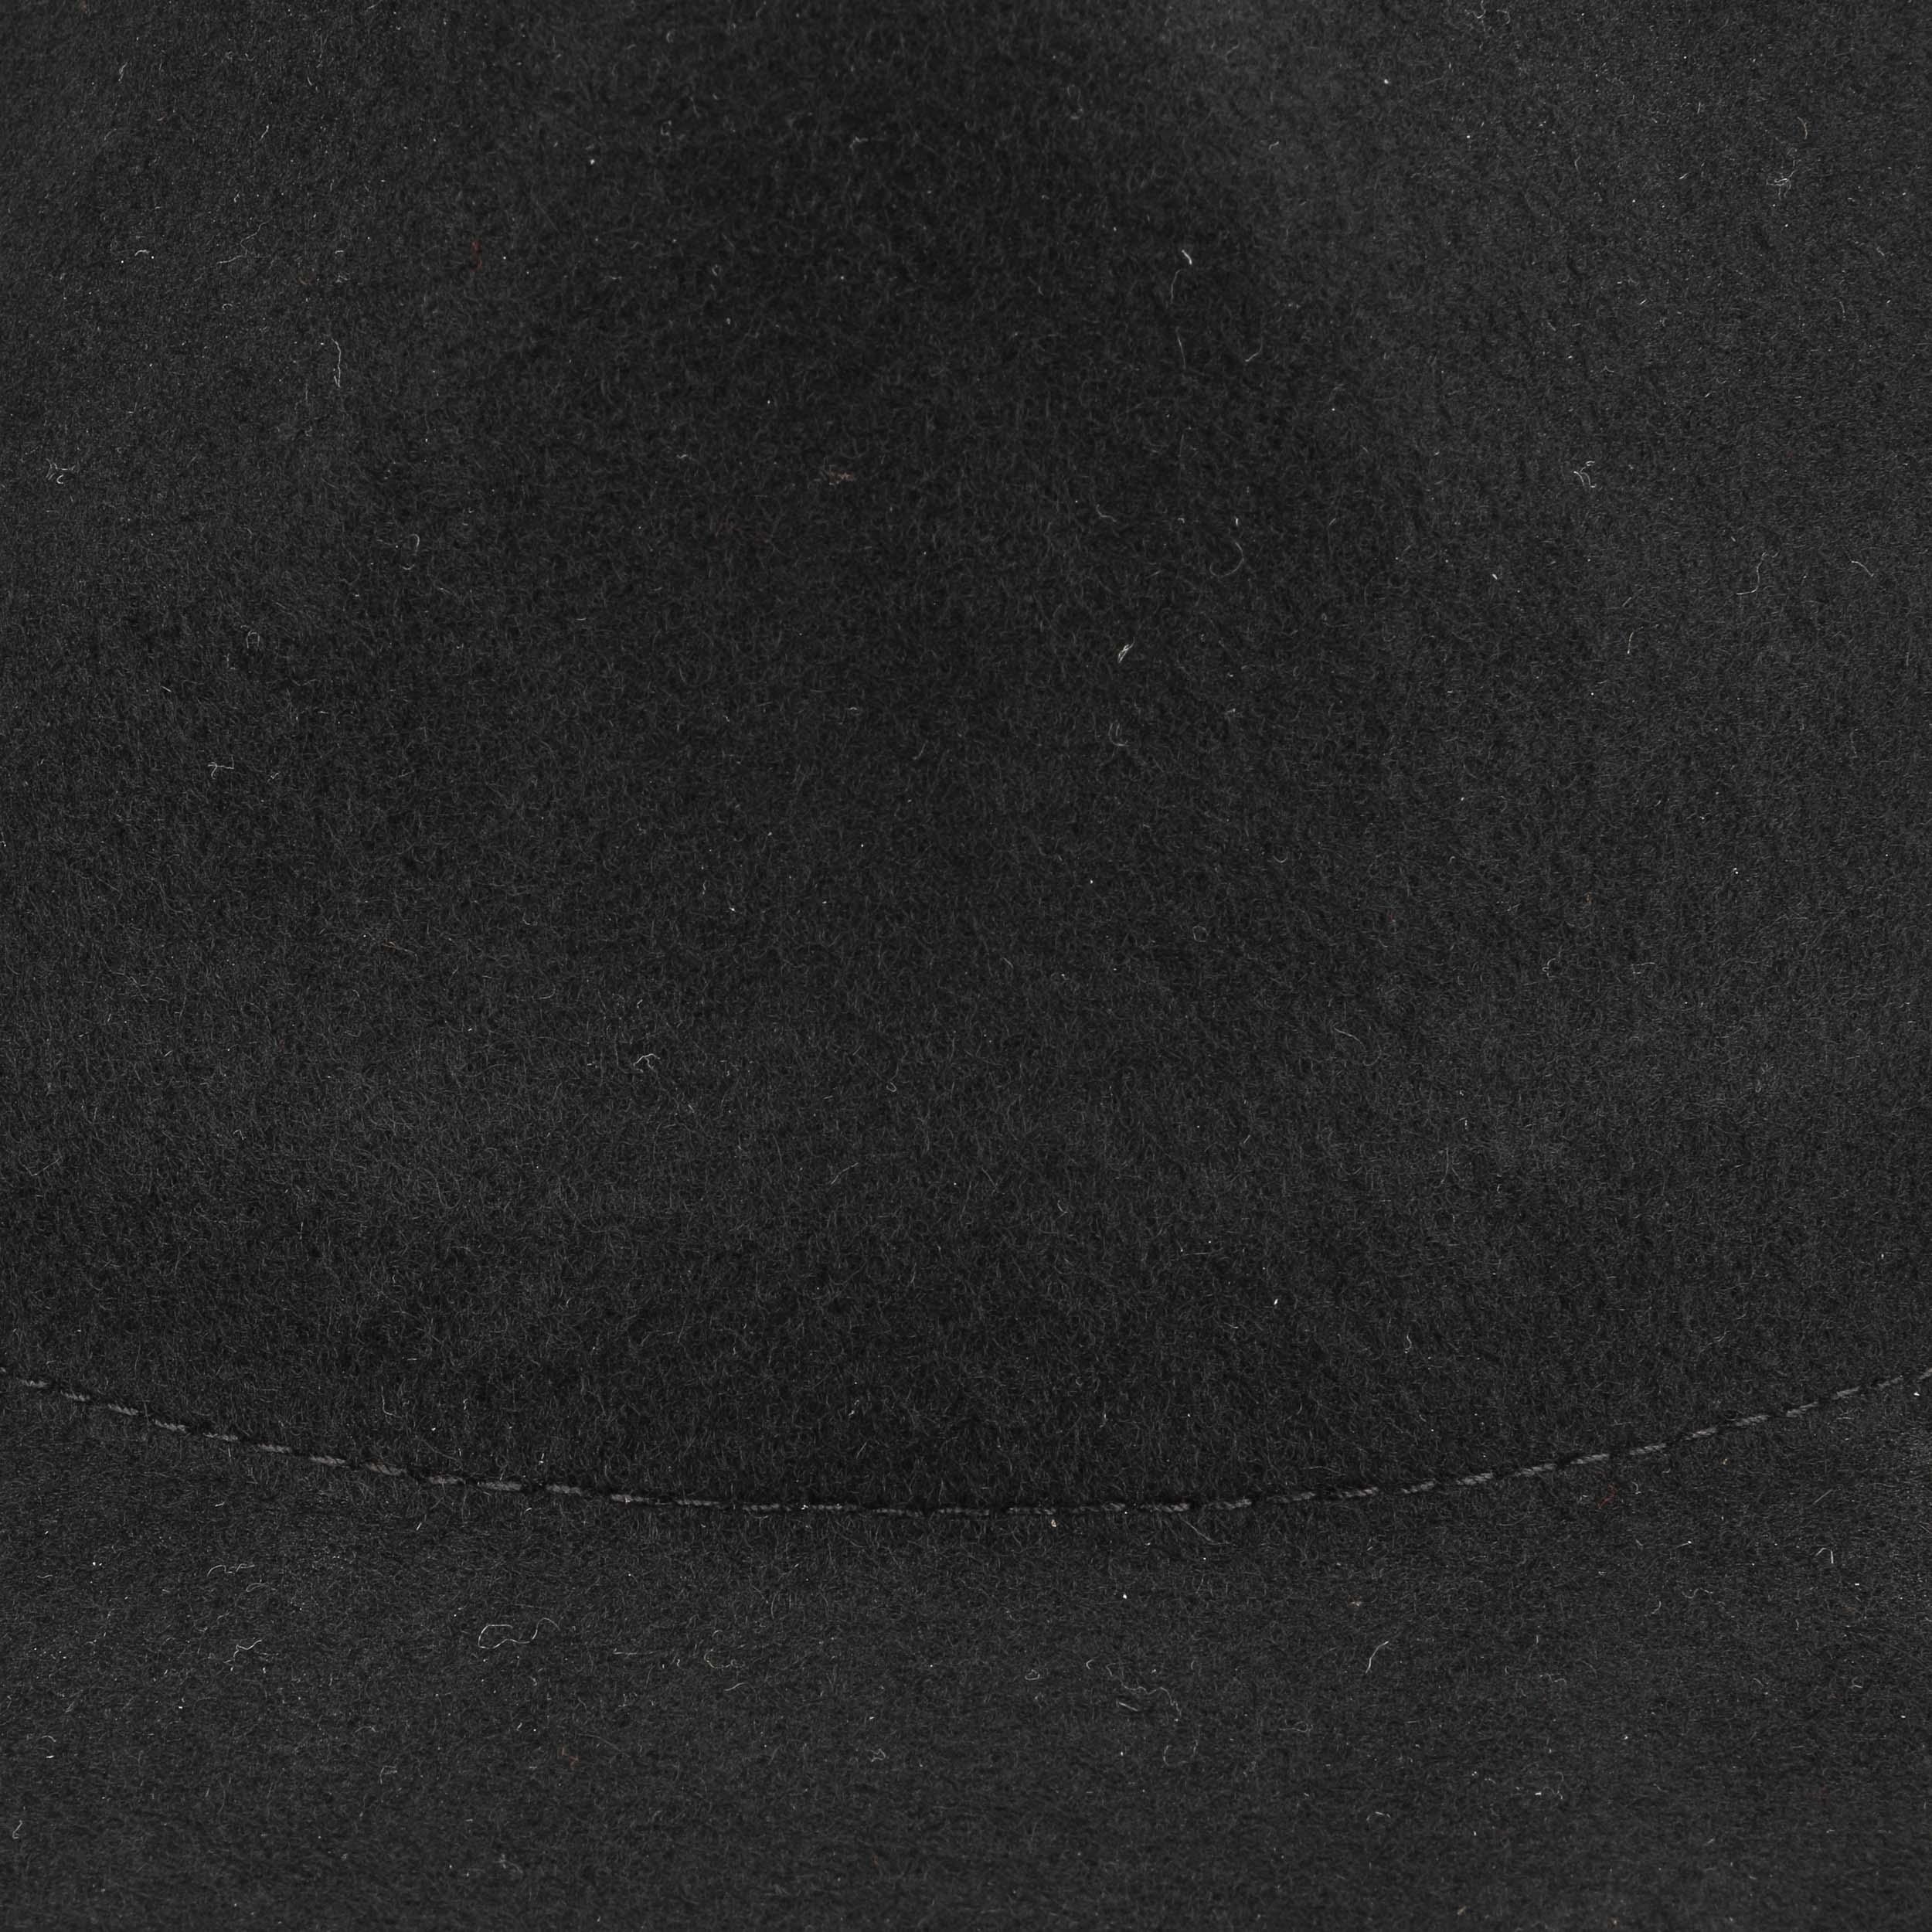 ... Cappello Feltro Big Brim Fedora by Levi´s - nero 3 ... f7f132fcedd6